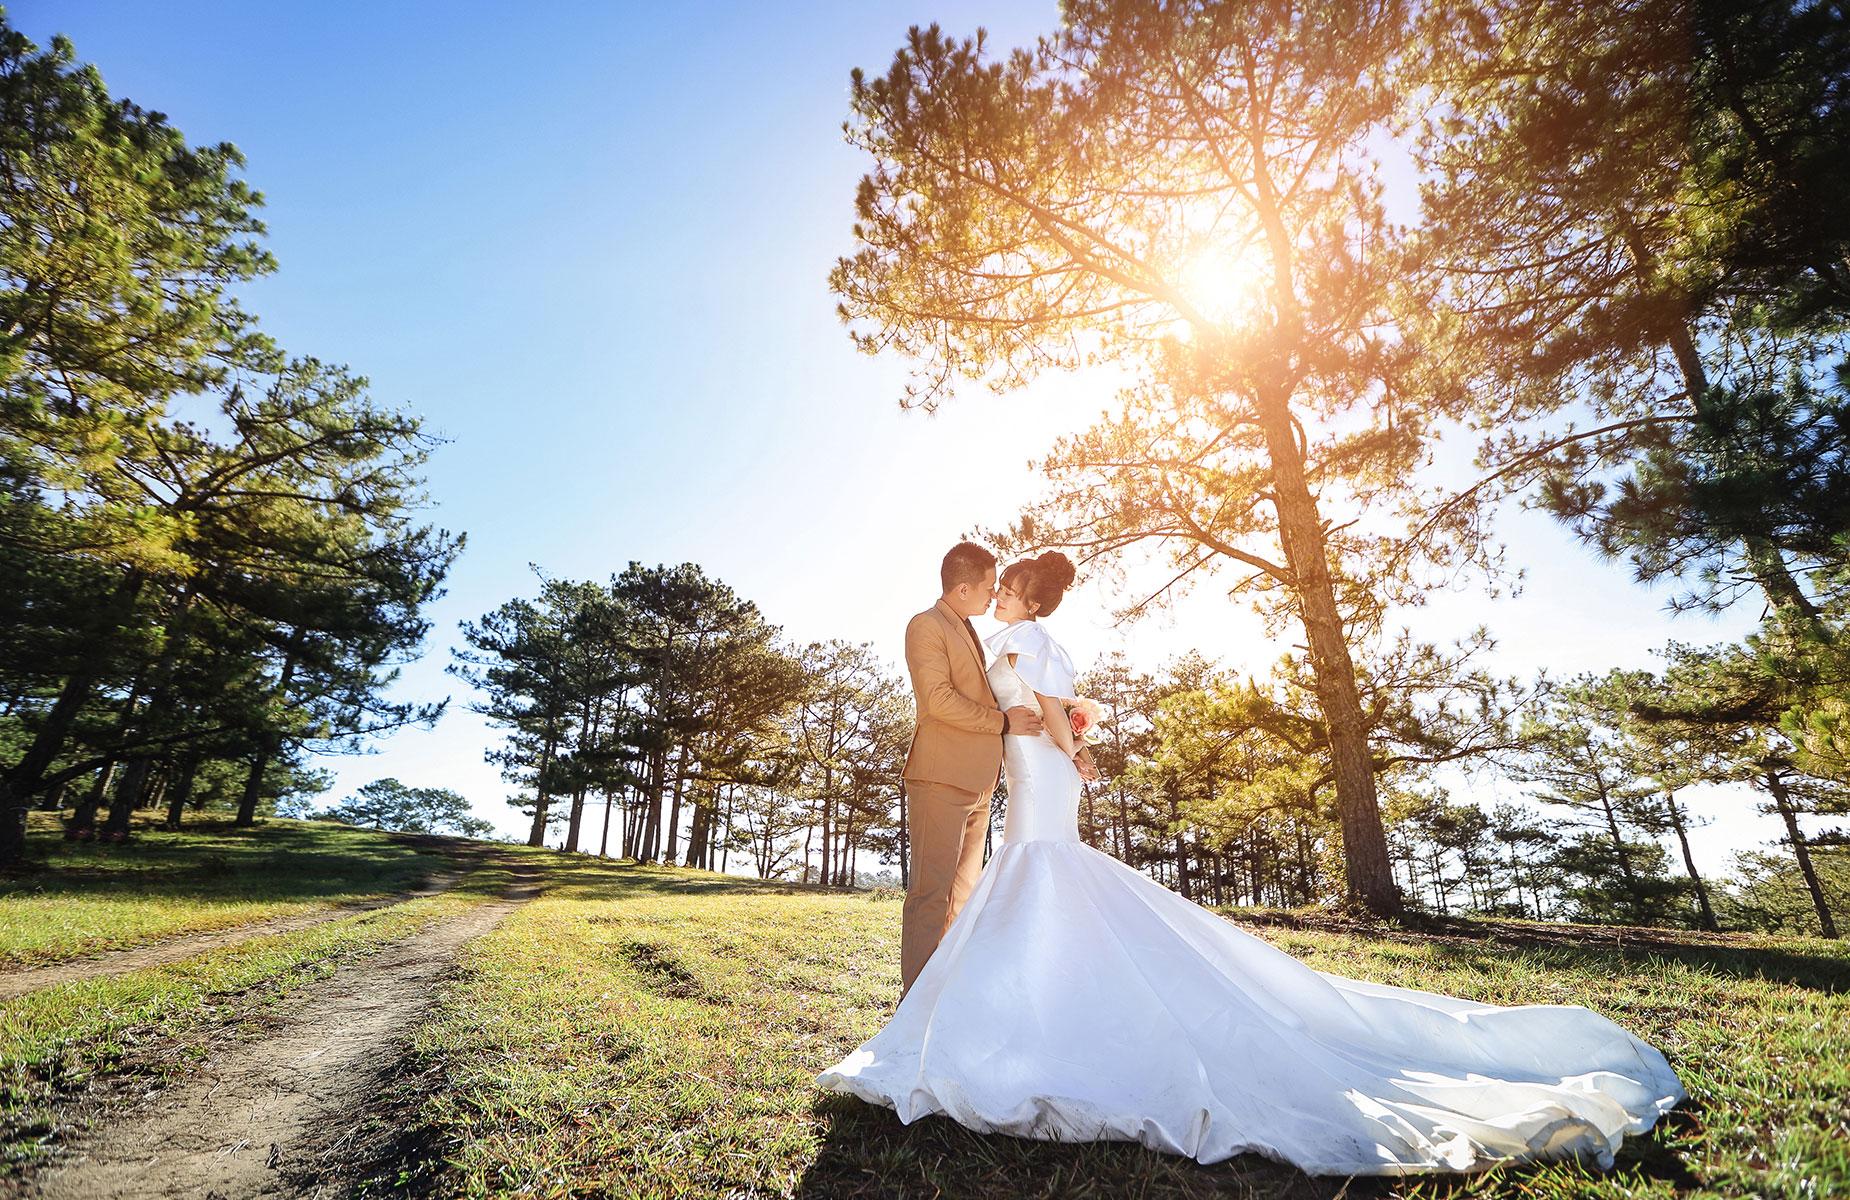 Bật mí 7 tư thế và cách tạo dáng đẹp khi chụp ảnh cưới1